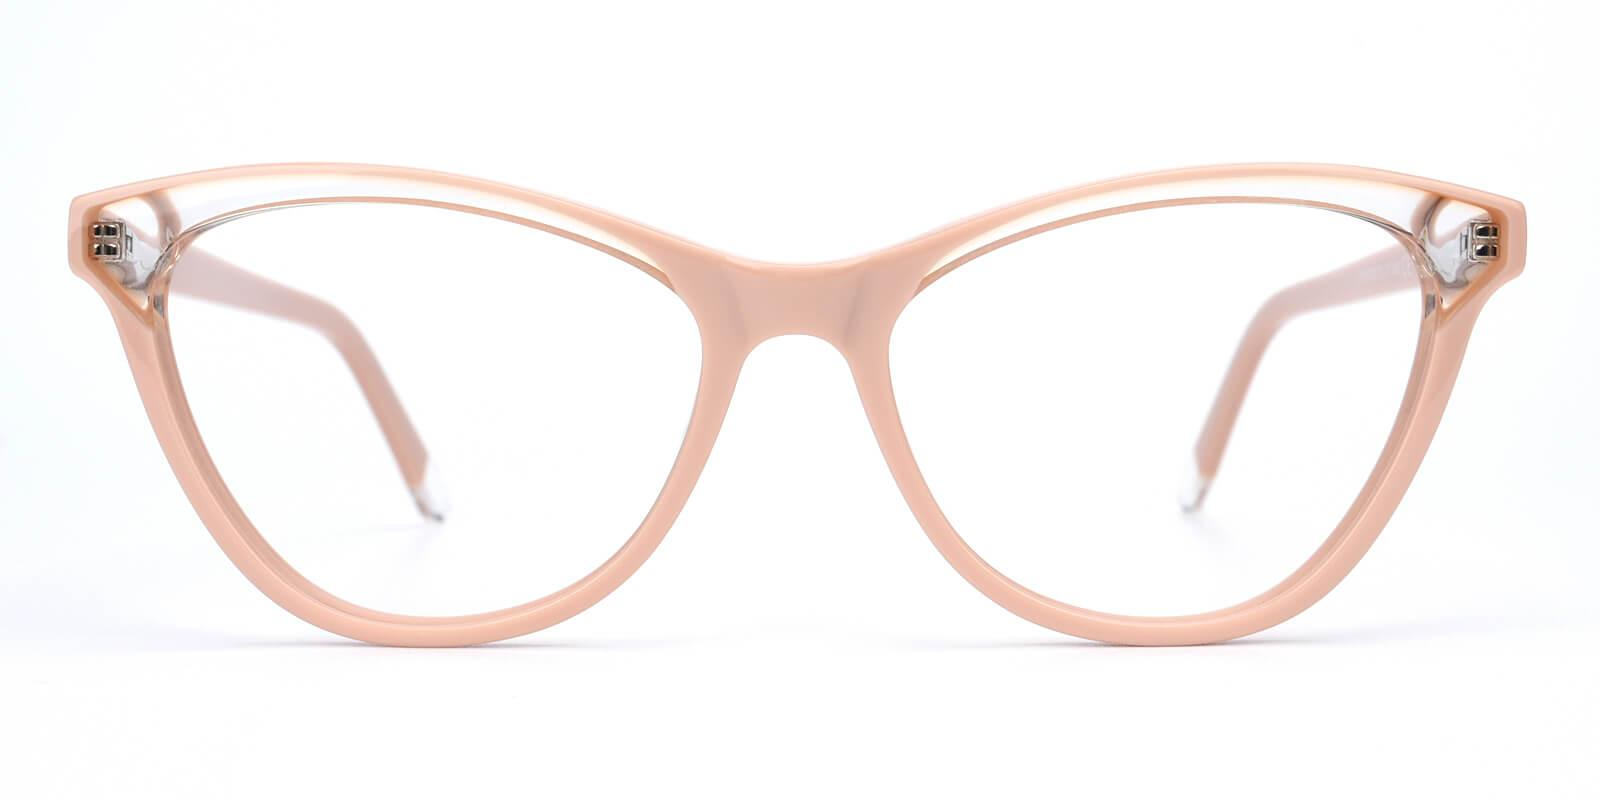 Florencer-Pink-Oval / Cat-Acetate-Eyeglasses-additional2